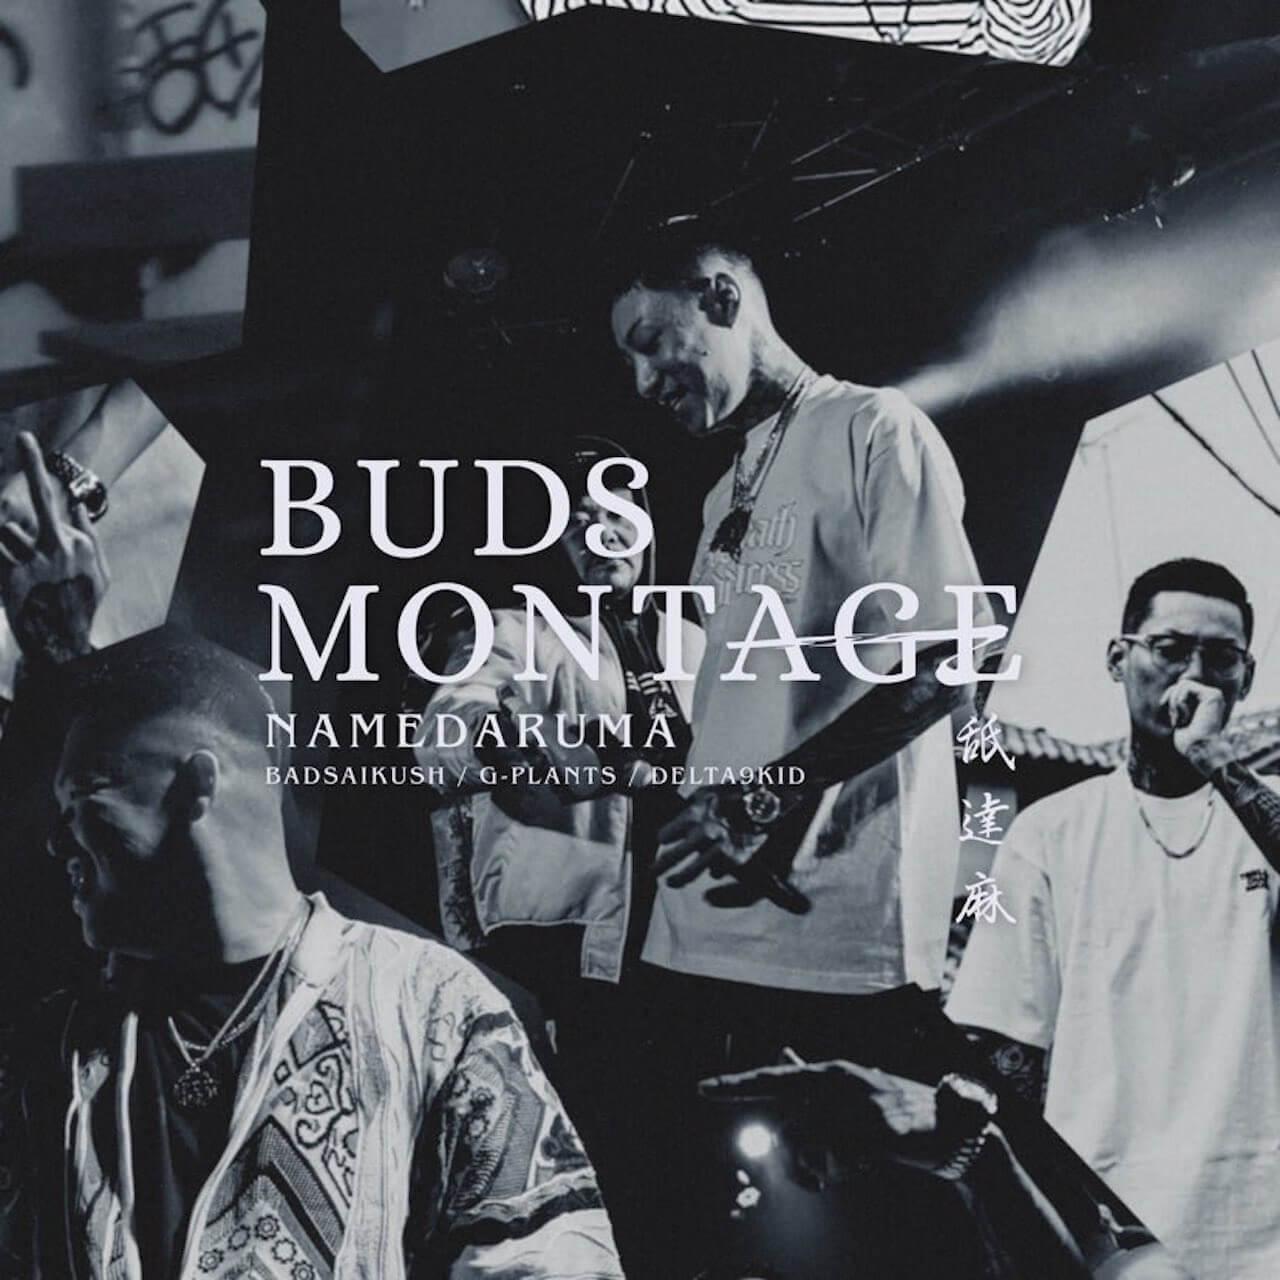 舐達麻の新曲「BUDS MONTAGE」木村太一監督のミュージック・ビデオが100万回再生を突破 music200801-namedaruma-1